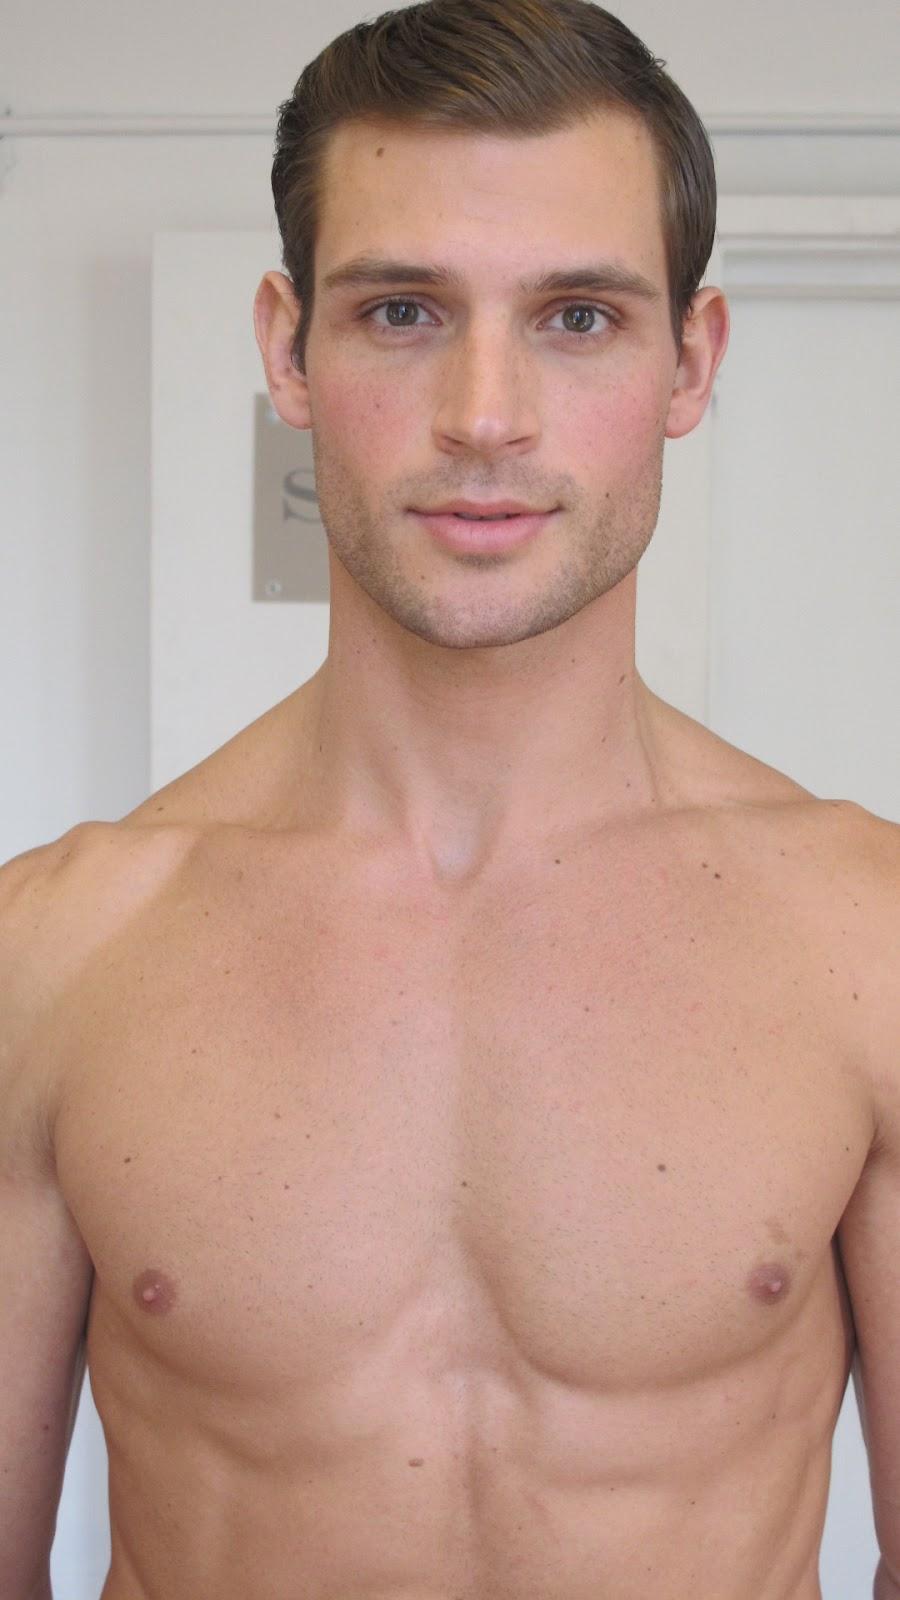 Josh Boyd Model in Male Model Steve Boyd